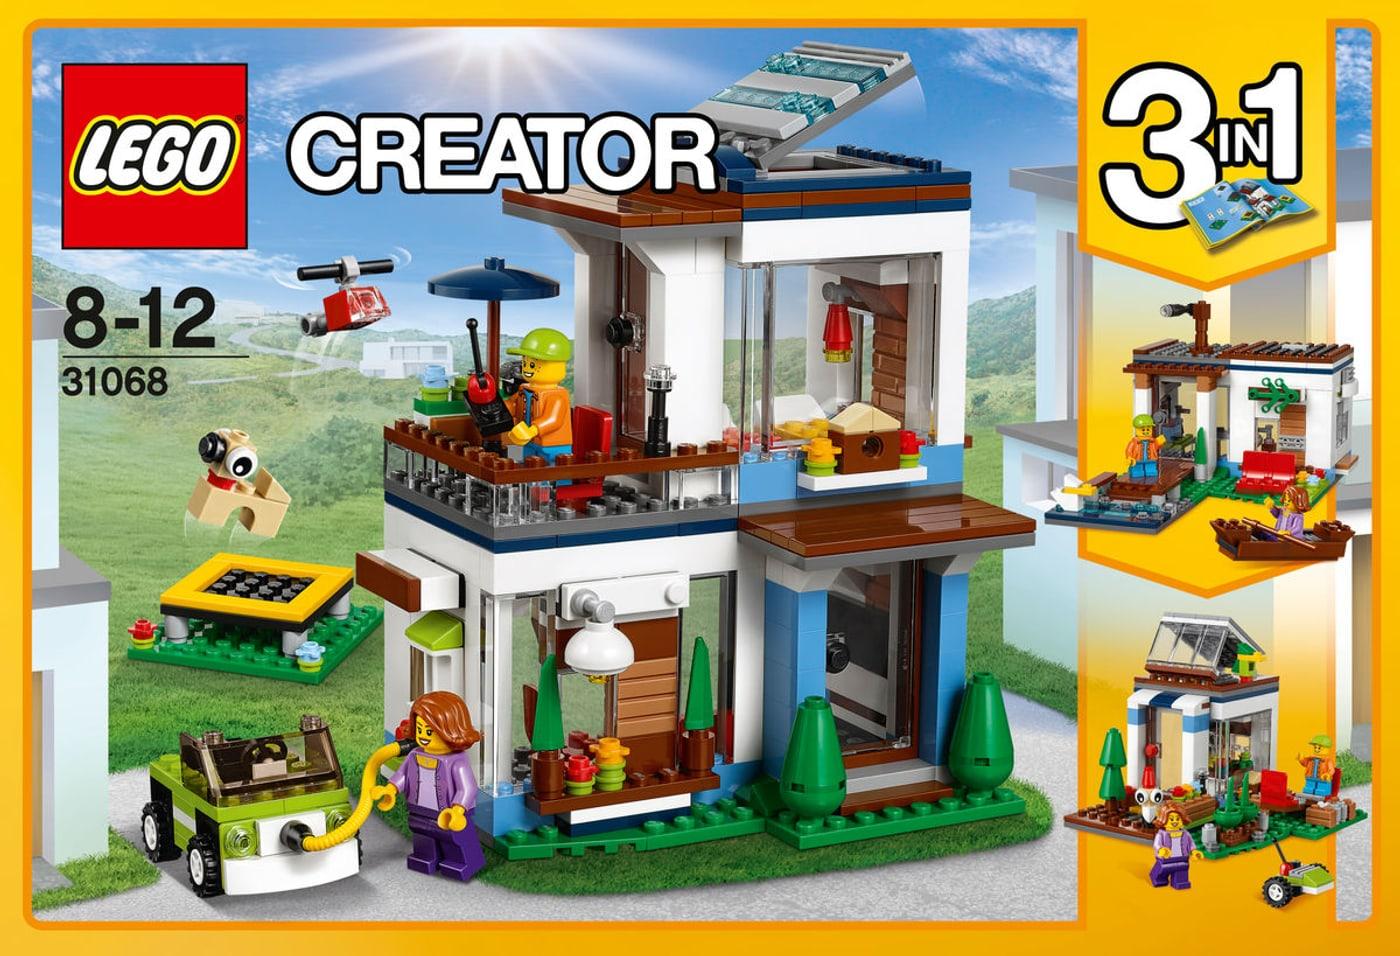 lego creator modernes zuhause 31068 migros. Black Bedroom Furniture Sets. Home Design Ideas